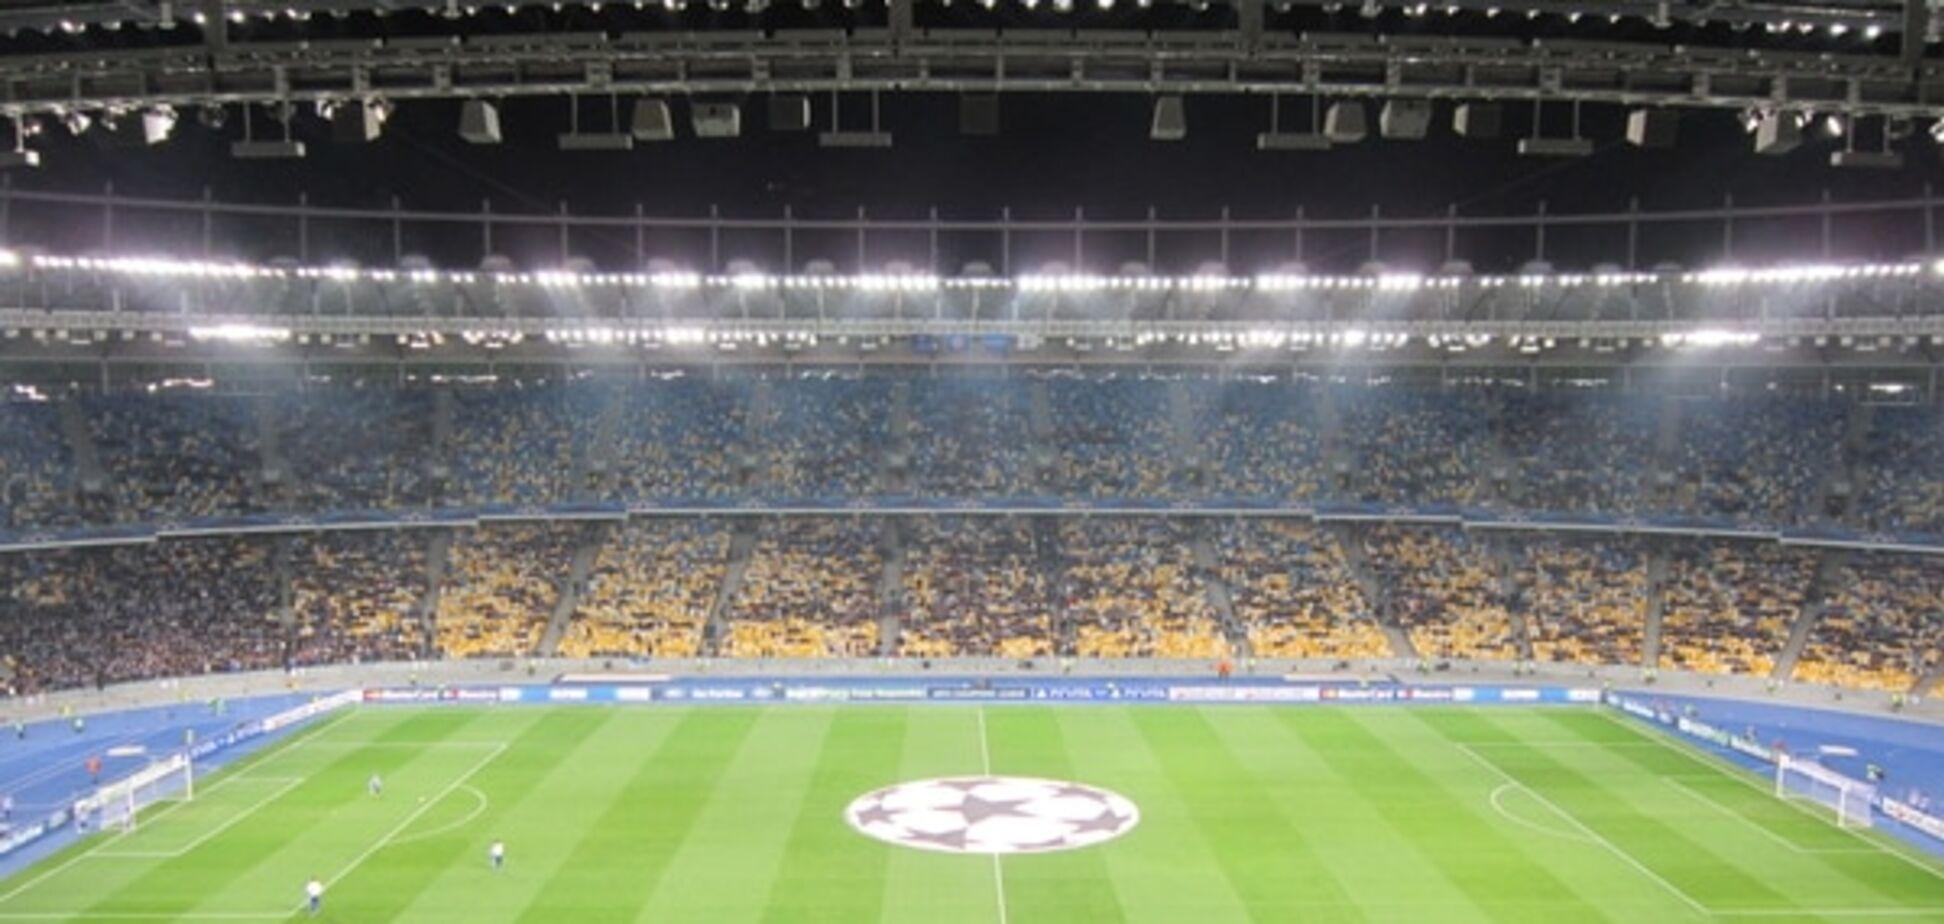 'Динамо' грозят жестокие санкции за избиение болельщиков на 'Олимпийском': видео драки